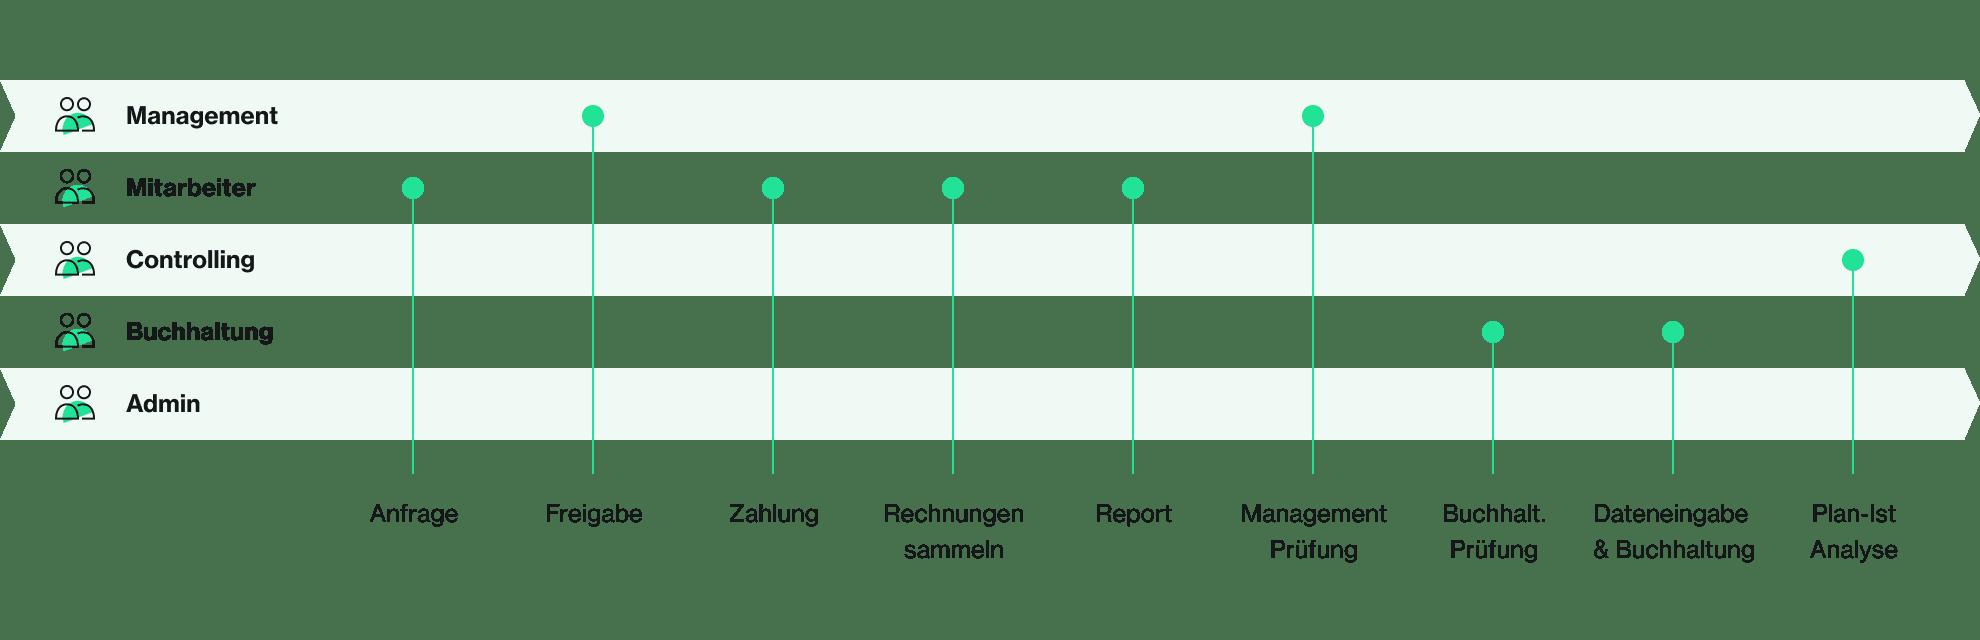 Ausgabenpolitik im Unternehmen Prozess